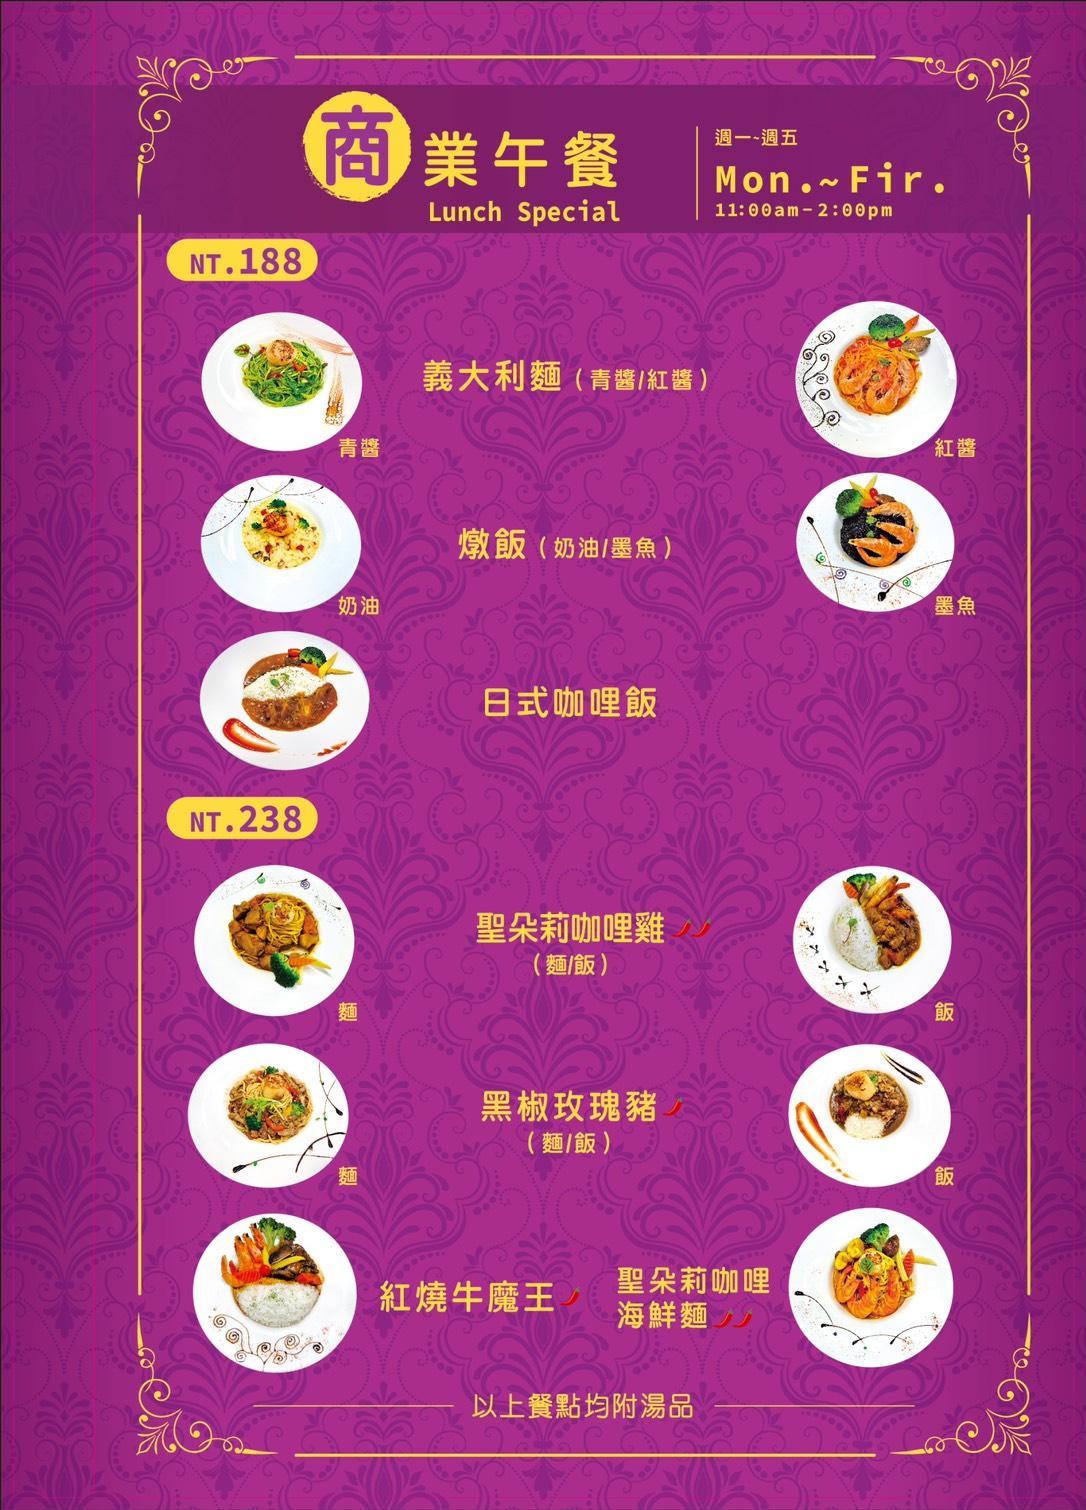 桃園大園青埔美食-聖朵莉-高鐵附近的平價優質餐廳,手工麵包雞讓人驚喜連連  (邀約) @民宿女王芽月-美食.旅遊.全台趴趴走